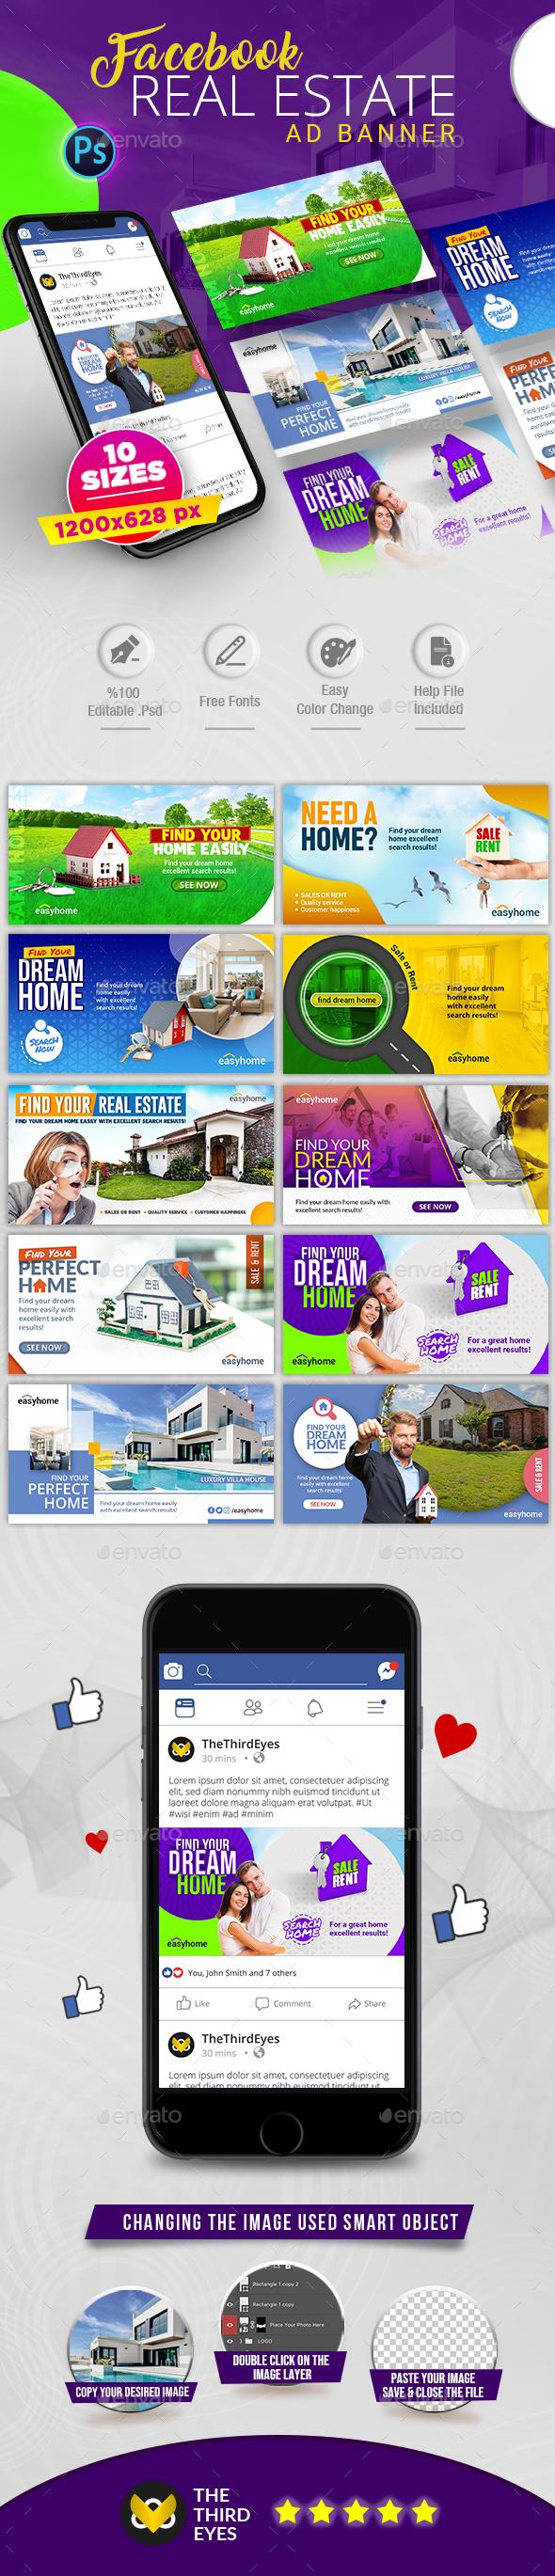 Real Estate Facebook AD Banner V.2